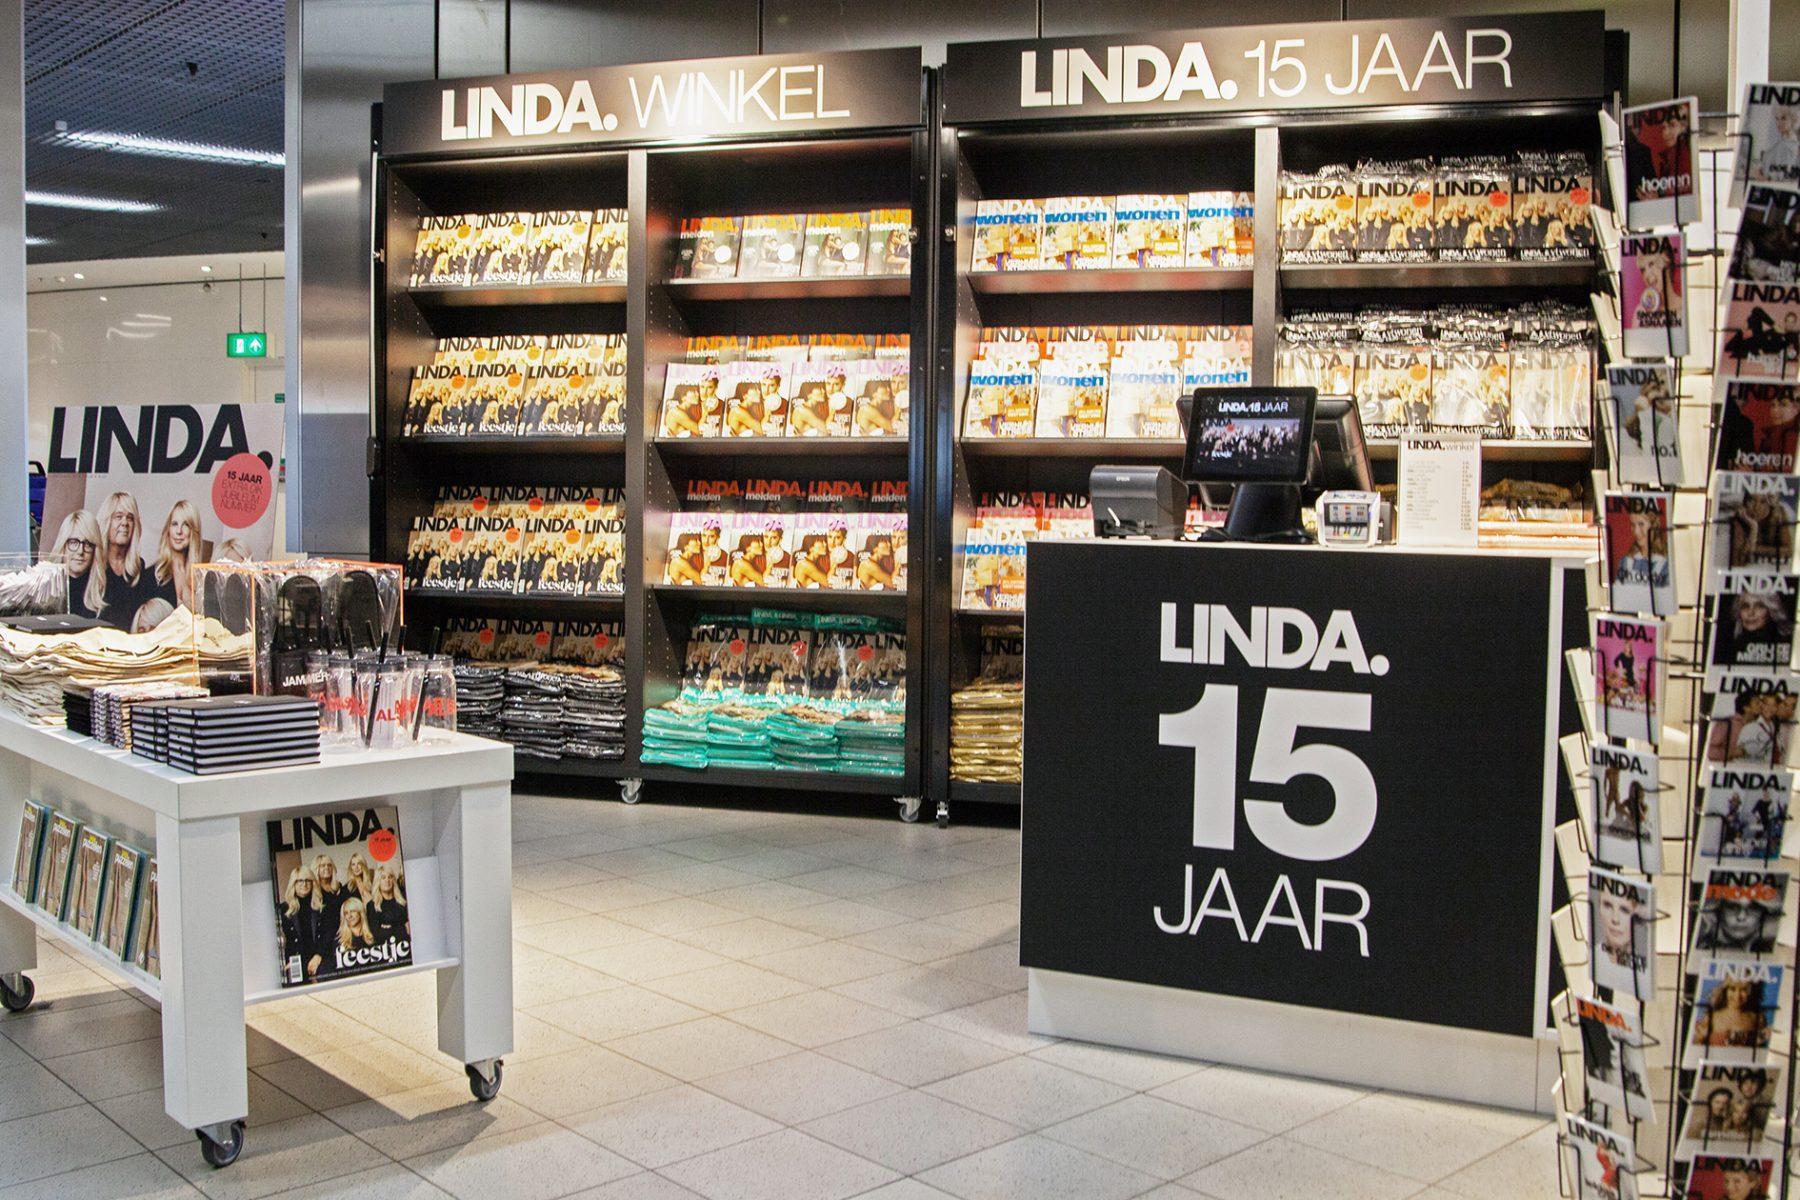 Reizigers opgelet: LINDA. heeft tijdelijk een eigen brandstore op Schiphol